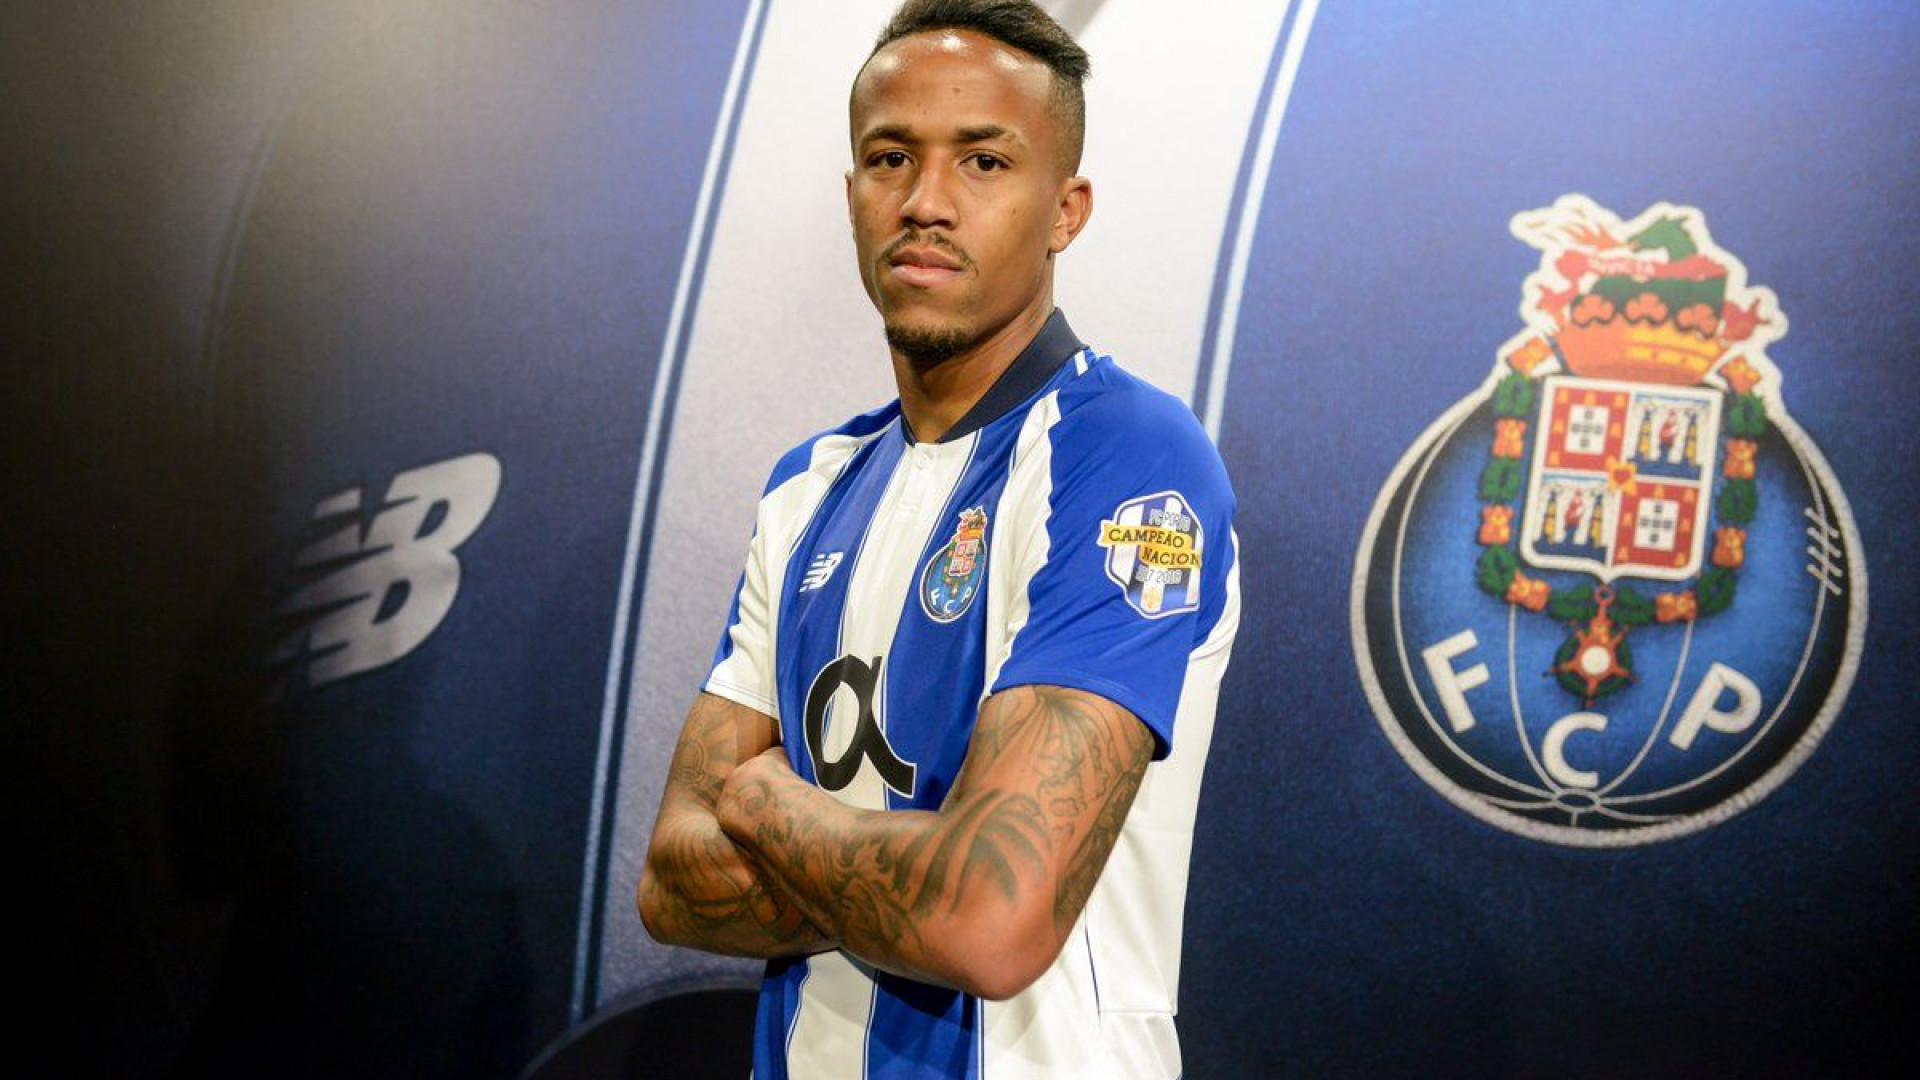 Oficial: Éder Militão já é jogador do FC Porto